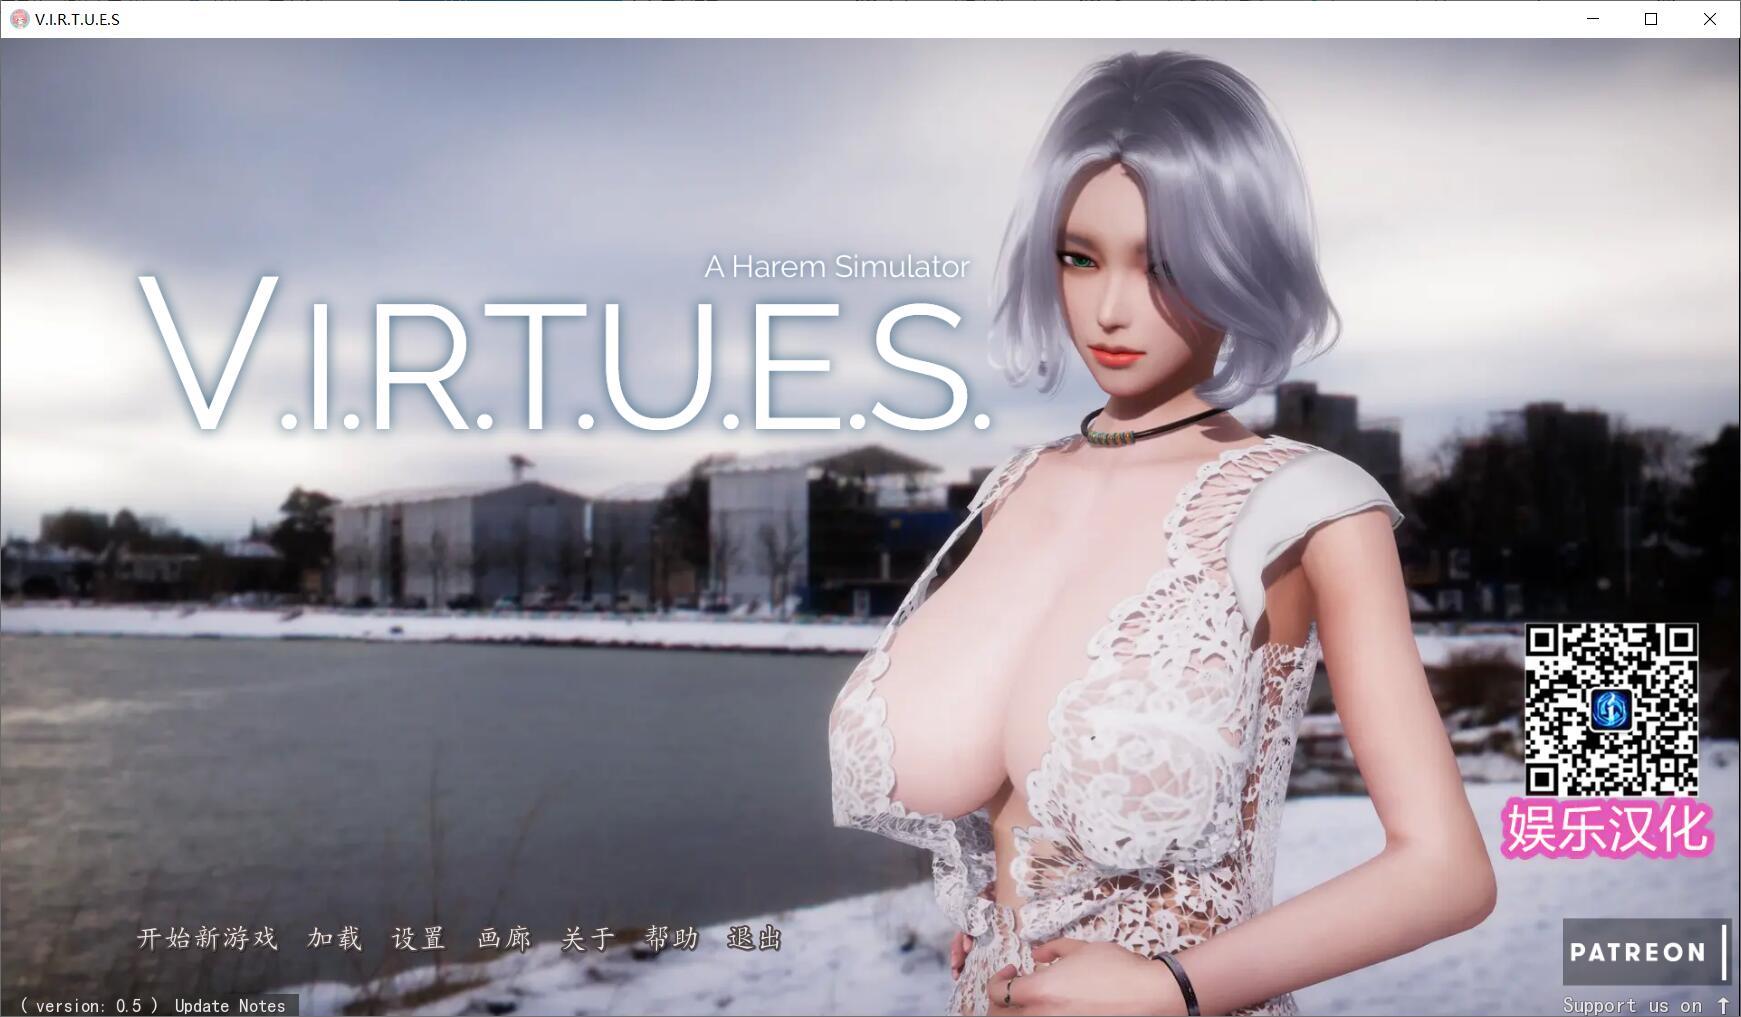 【欧美SLG】 美德:V.I.R.T.U.E.S 0.5 画廊全开 (动态/PC+安卓)